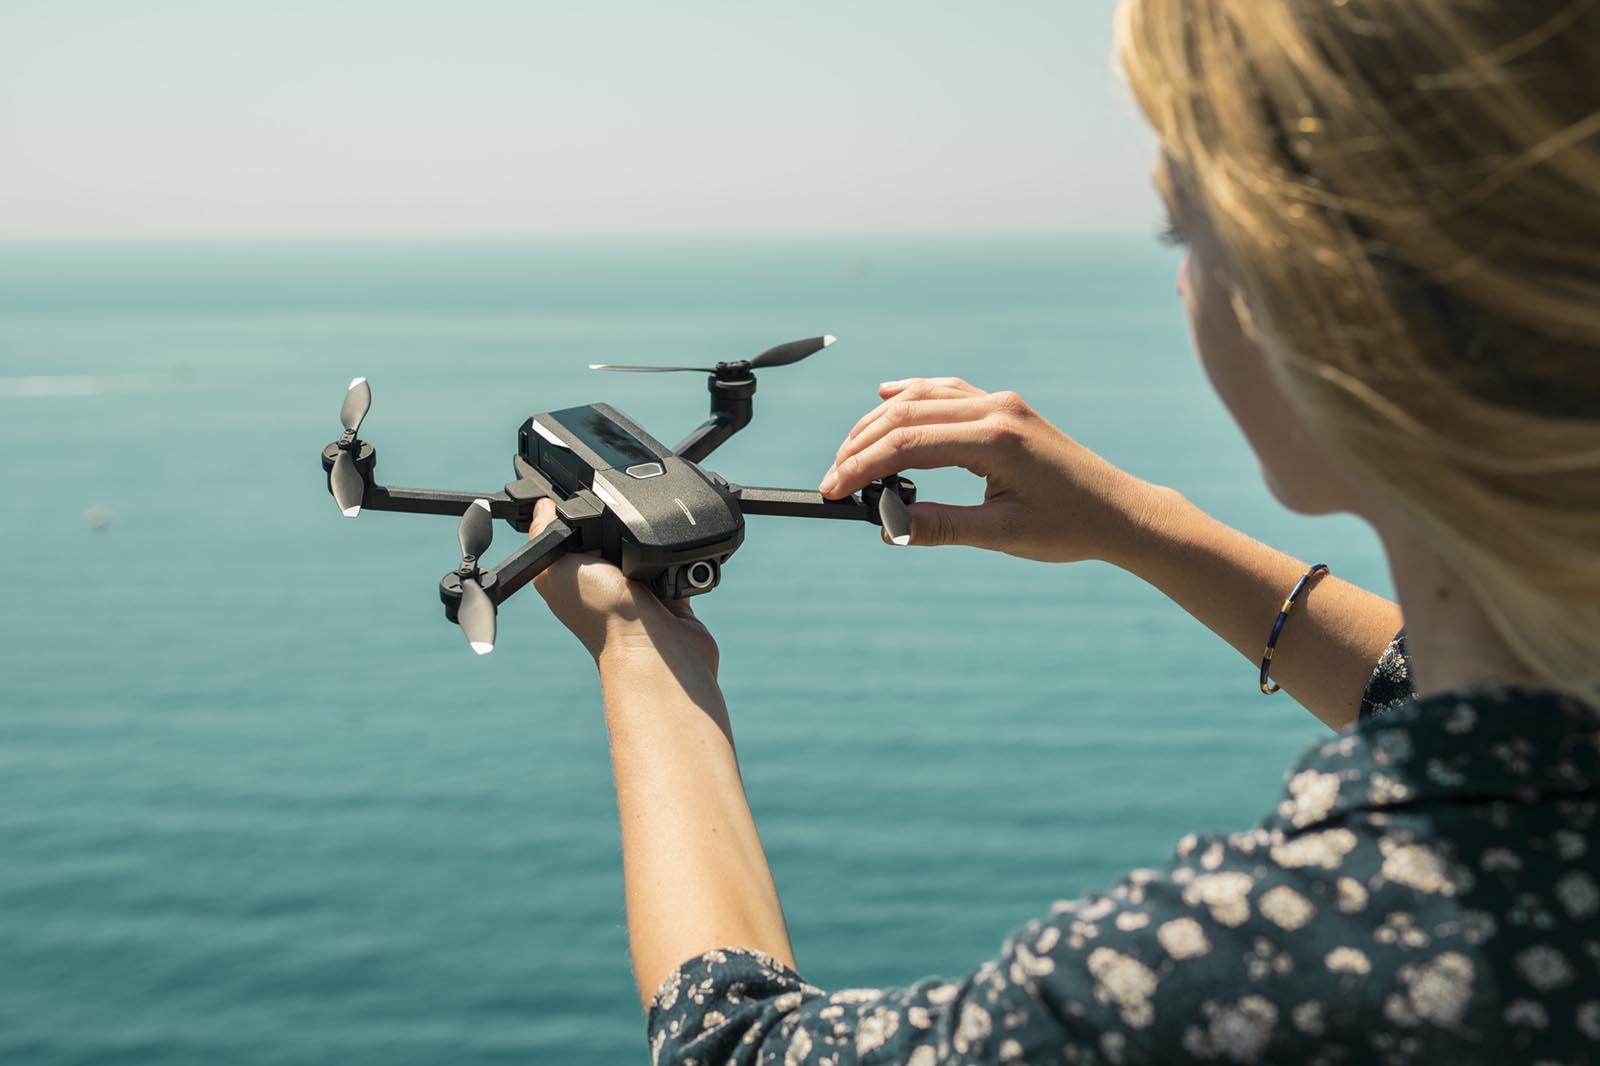 Yuneec Mantis Q Drohne in der Hand